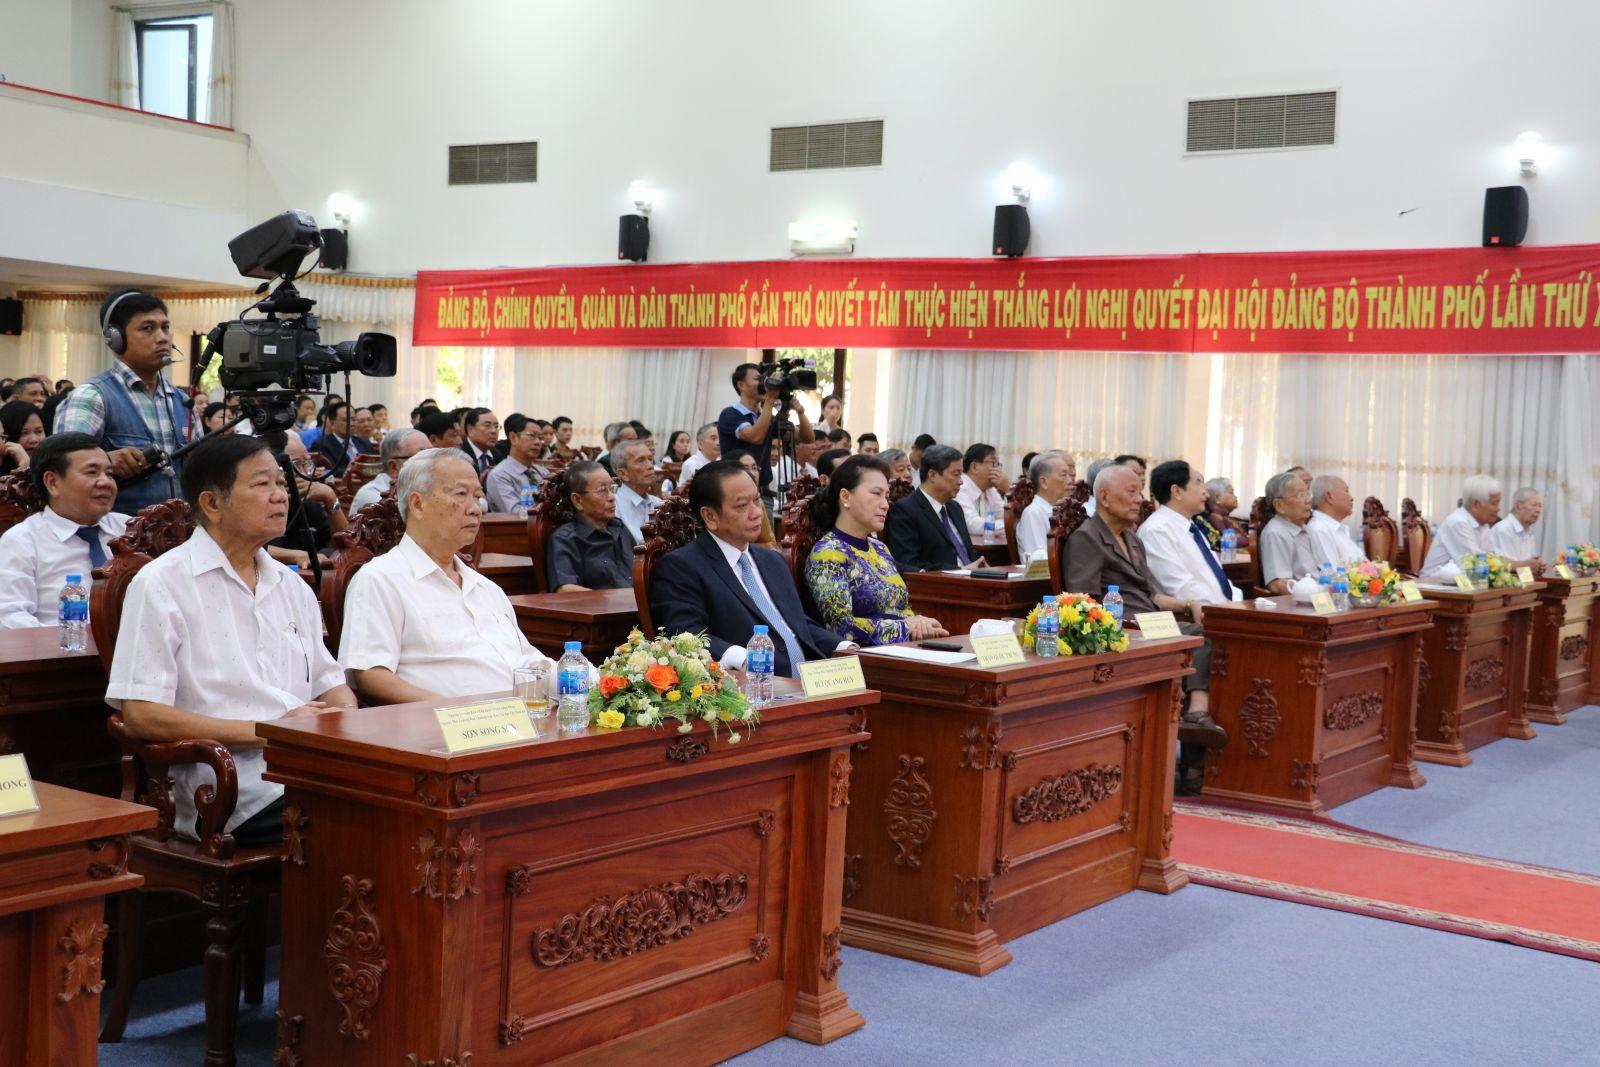 Các đại biểu tham dự Lễ kỷ niệm 44 năm Ngày Giải phóng miền Nam, thống nhất đất nước (30/4/1975- 30/4/2019), ngày Quốc tế Lao động 1/5 và 129 năm Ngày sinh Chủ tịch Hồ Chí Minh (19/5/1890 – 19/5/2019).